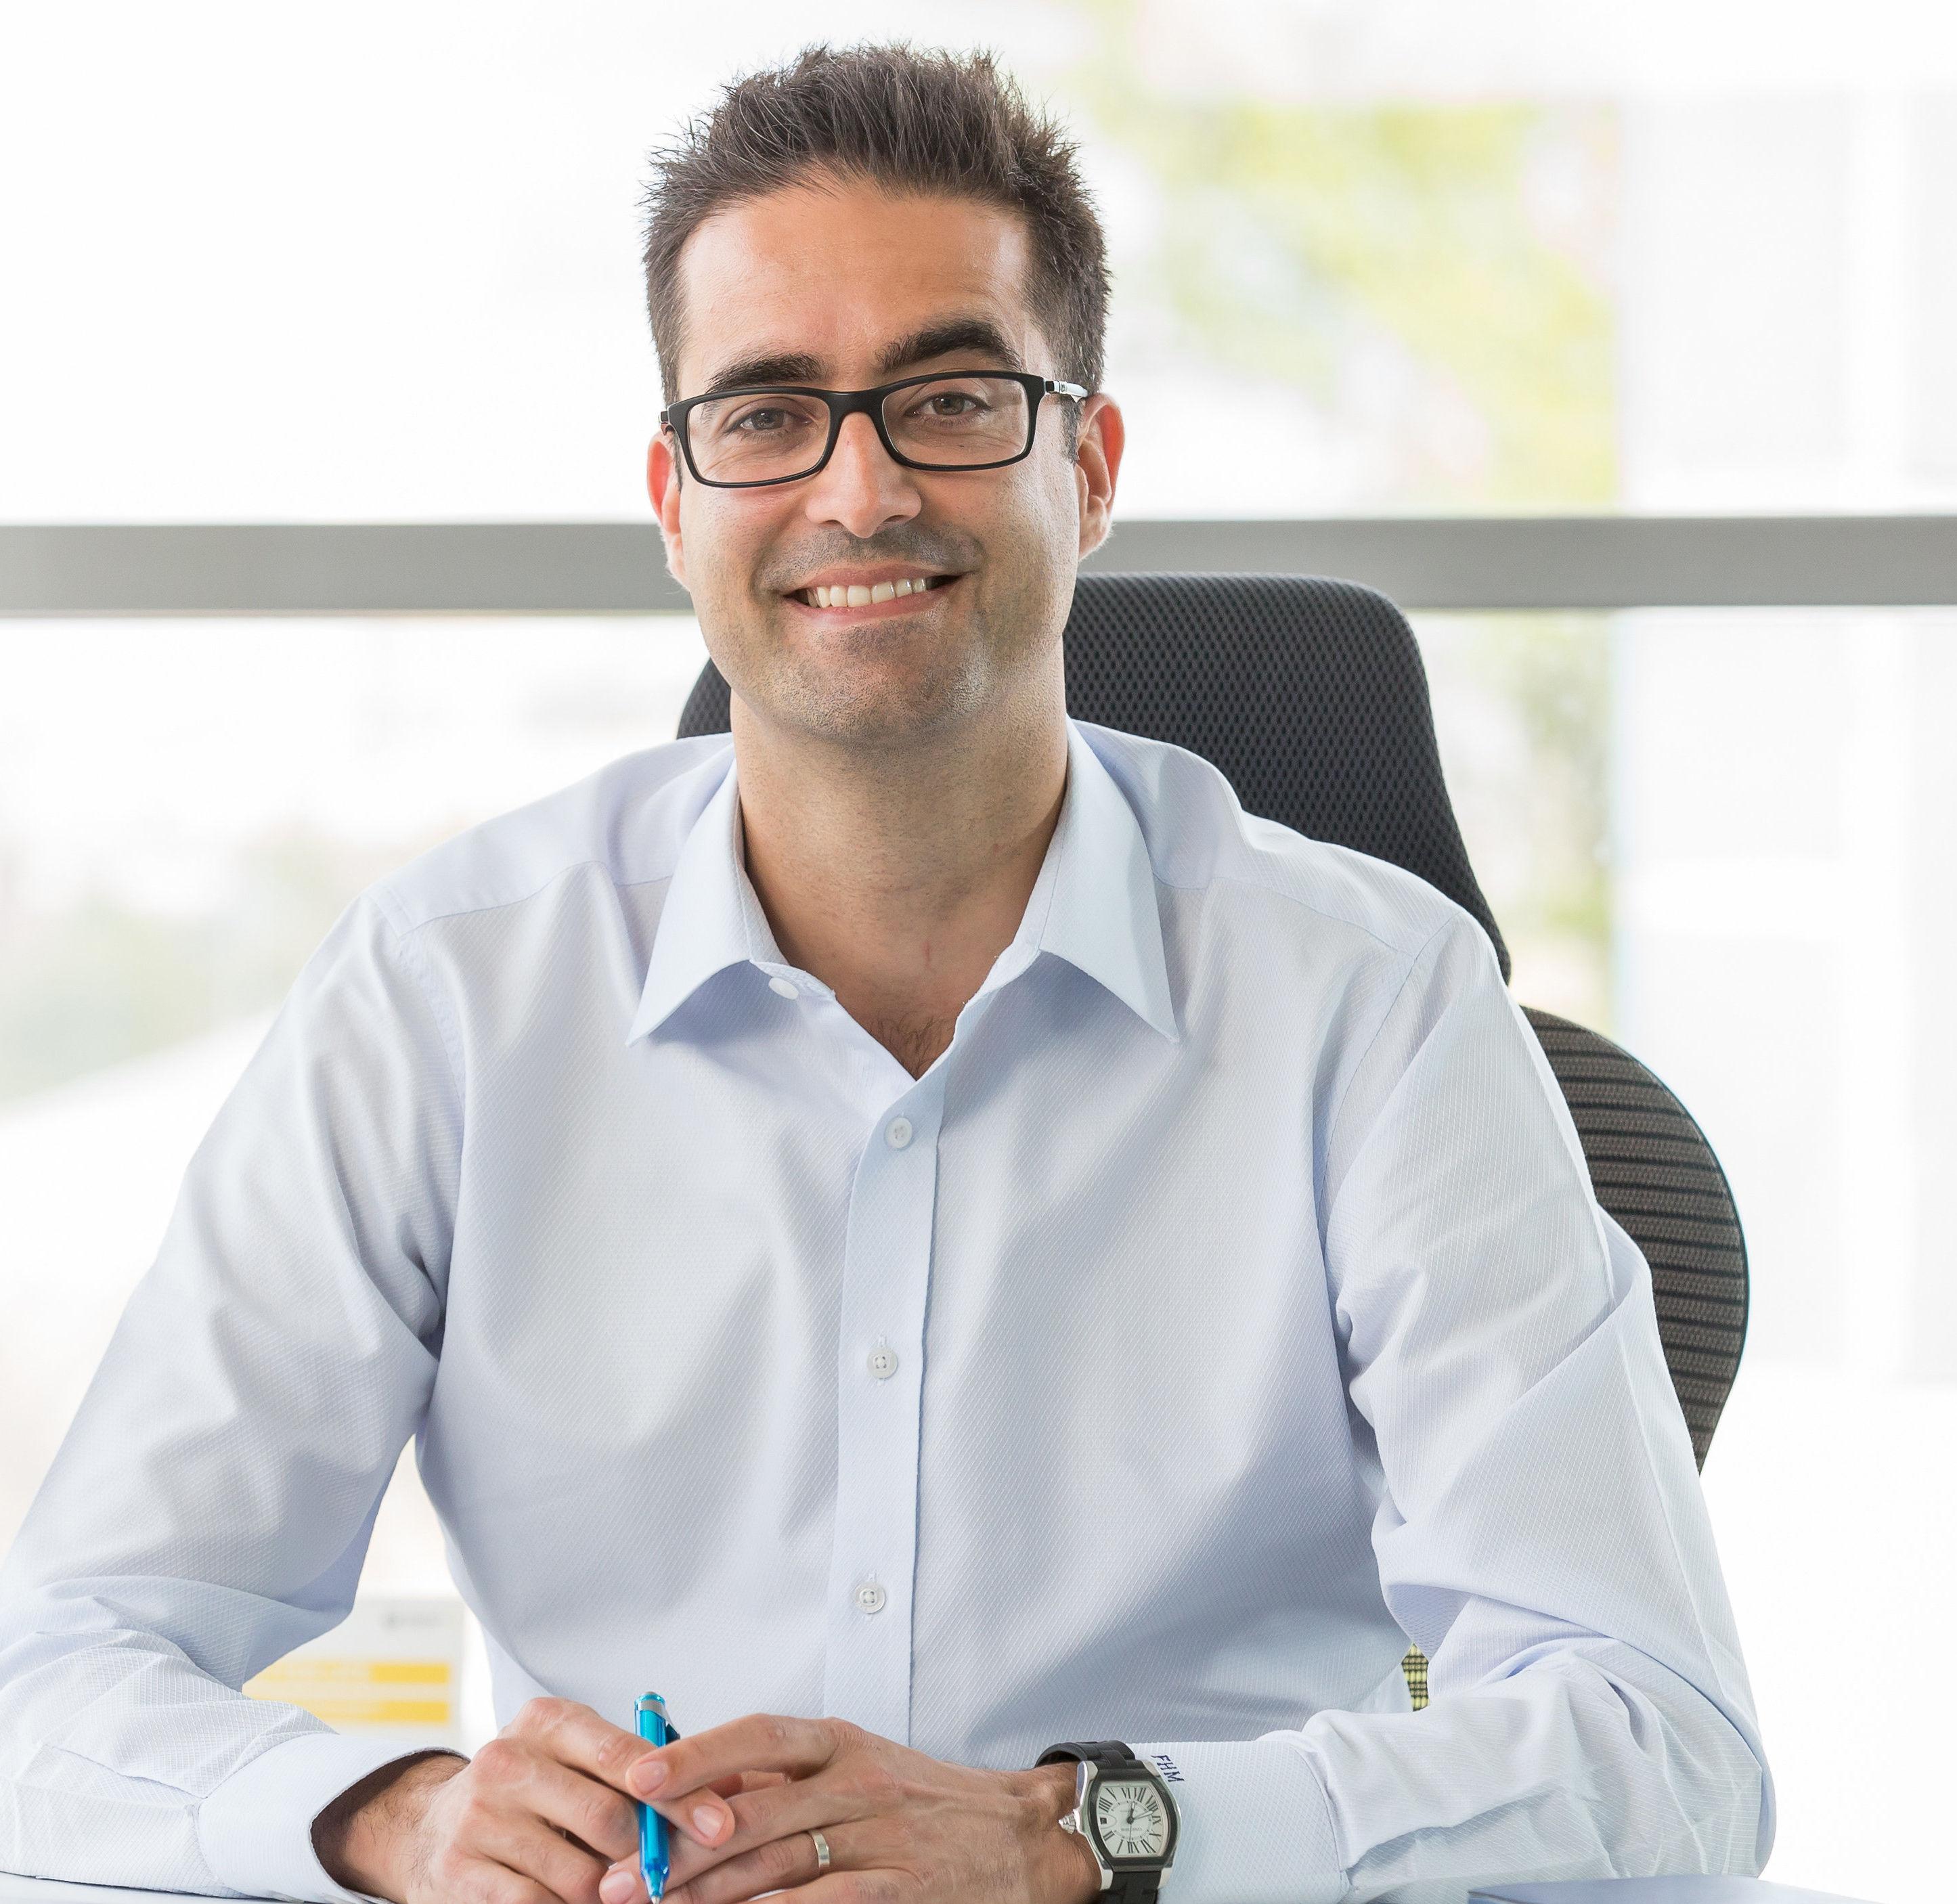 Francisco Hidalgo-Marquez, le directeur marketing de la filiale Renault en Russie